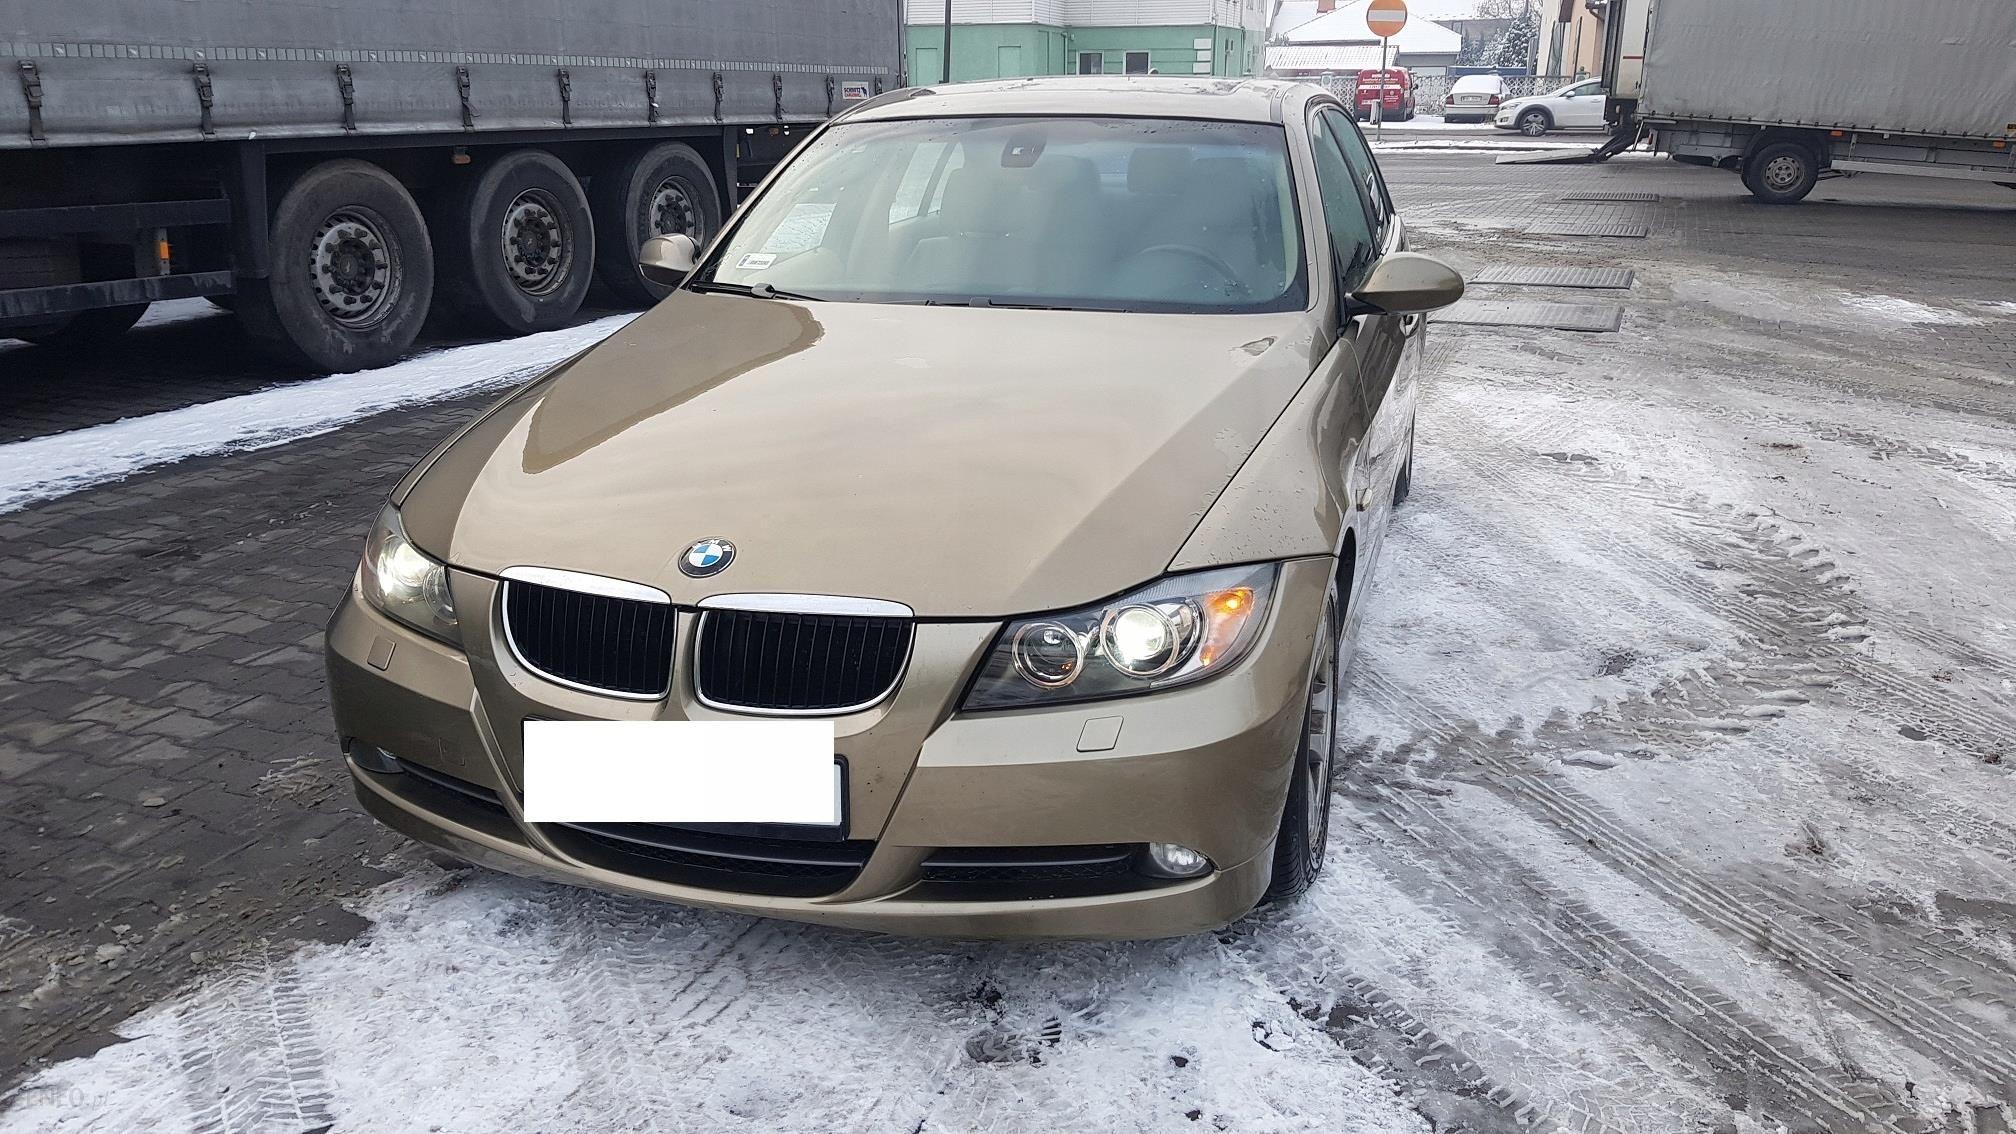 Bmw E90 325i 30 V6 Nowy Gaz Złoty Komplet Opon Opinie I Ceny Na